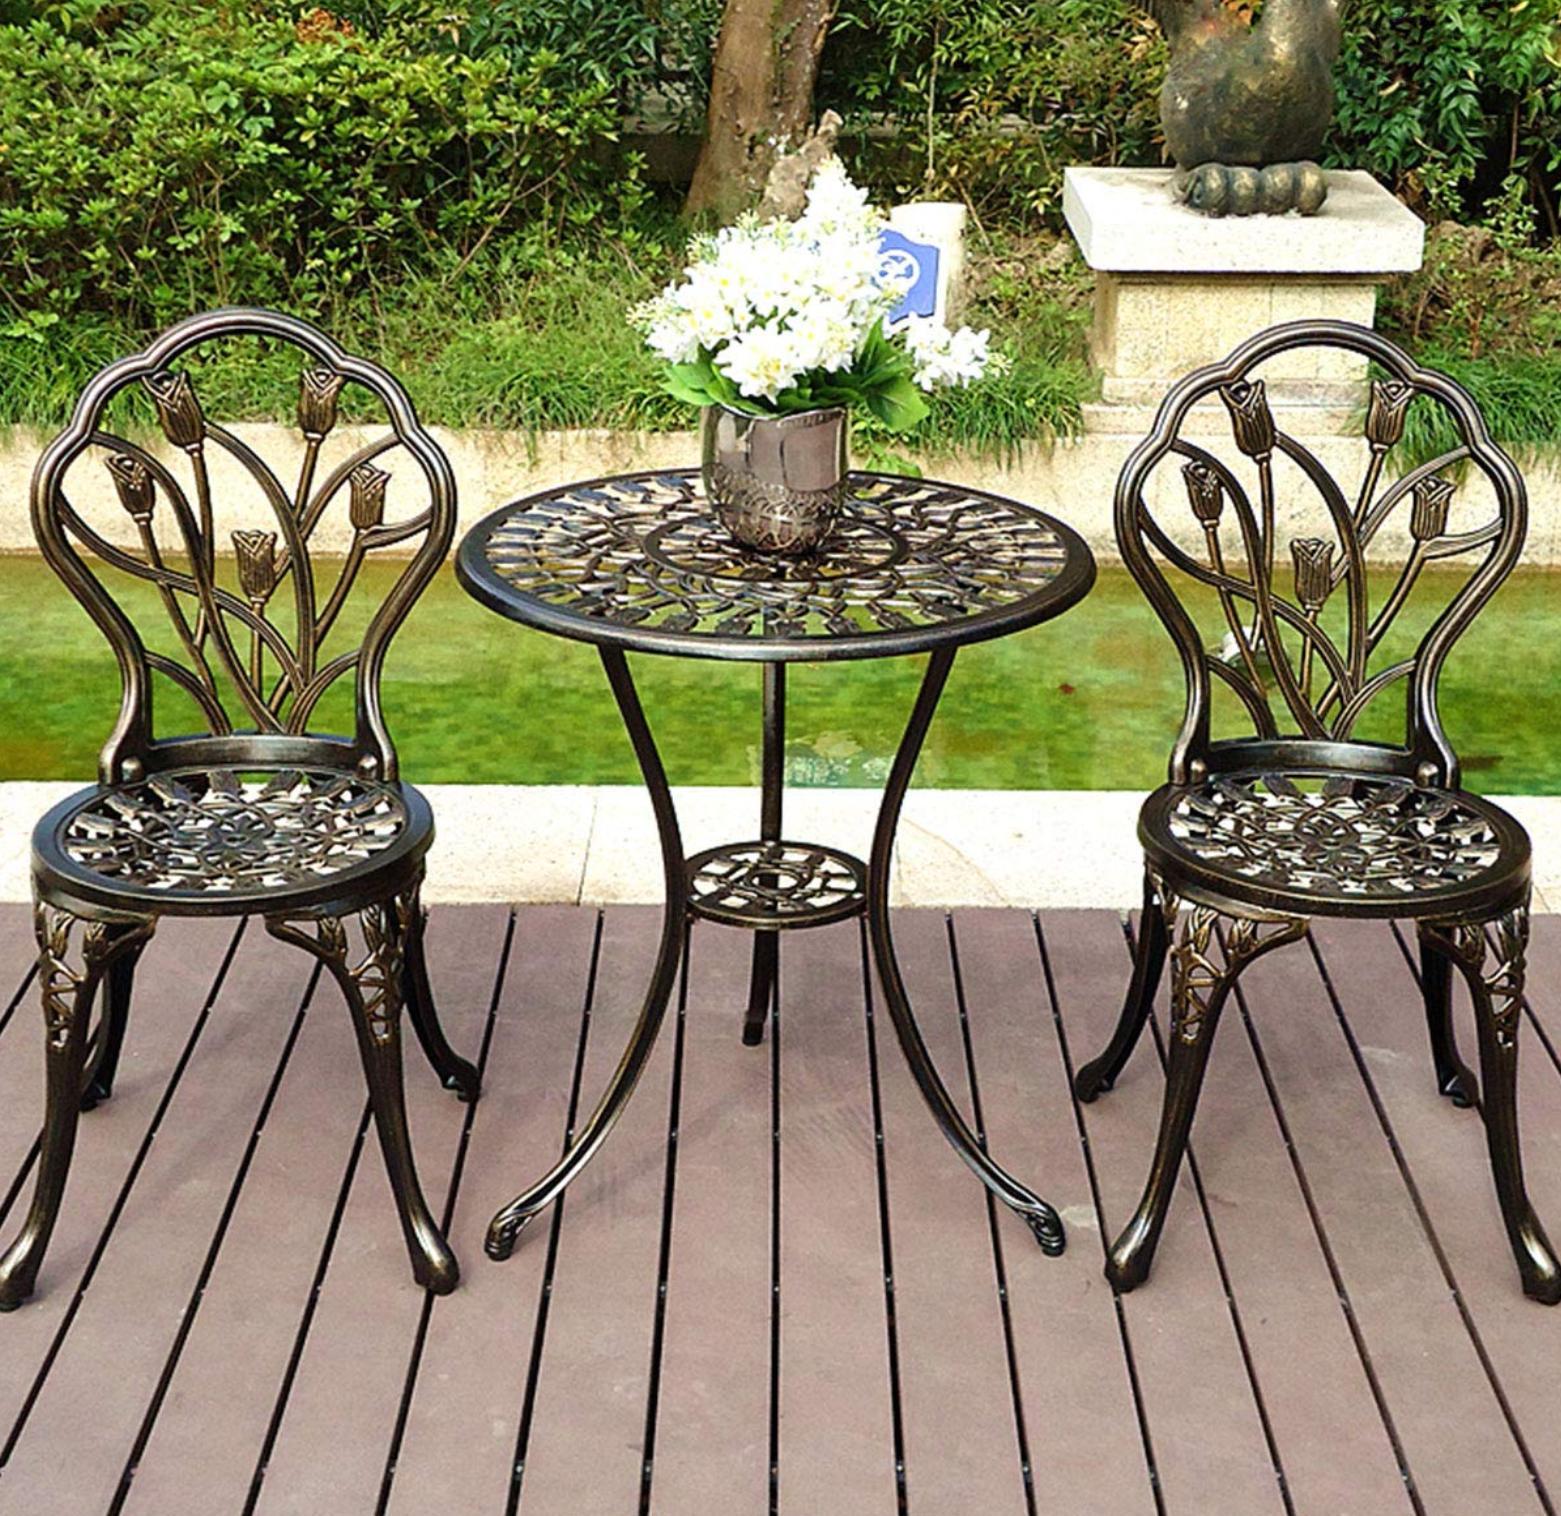 Outdoor Chairs Garden Patio w/Umbrella Hole